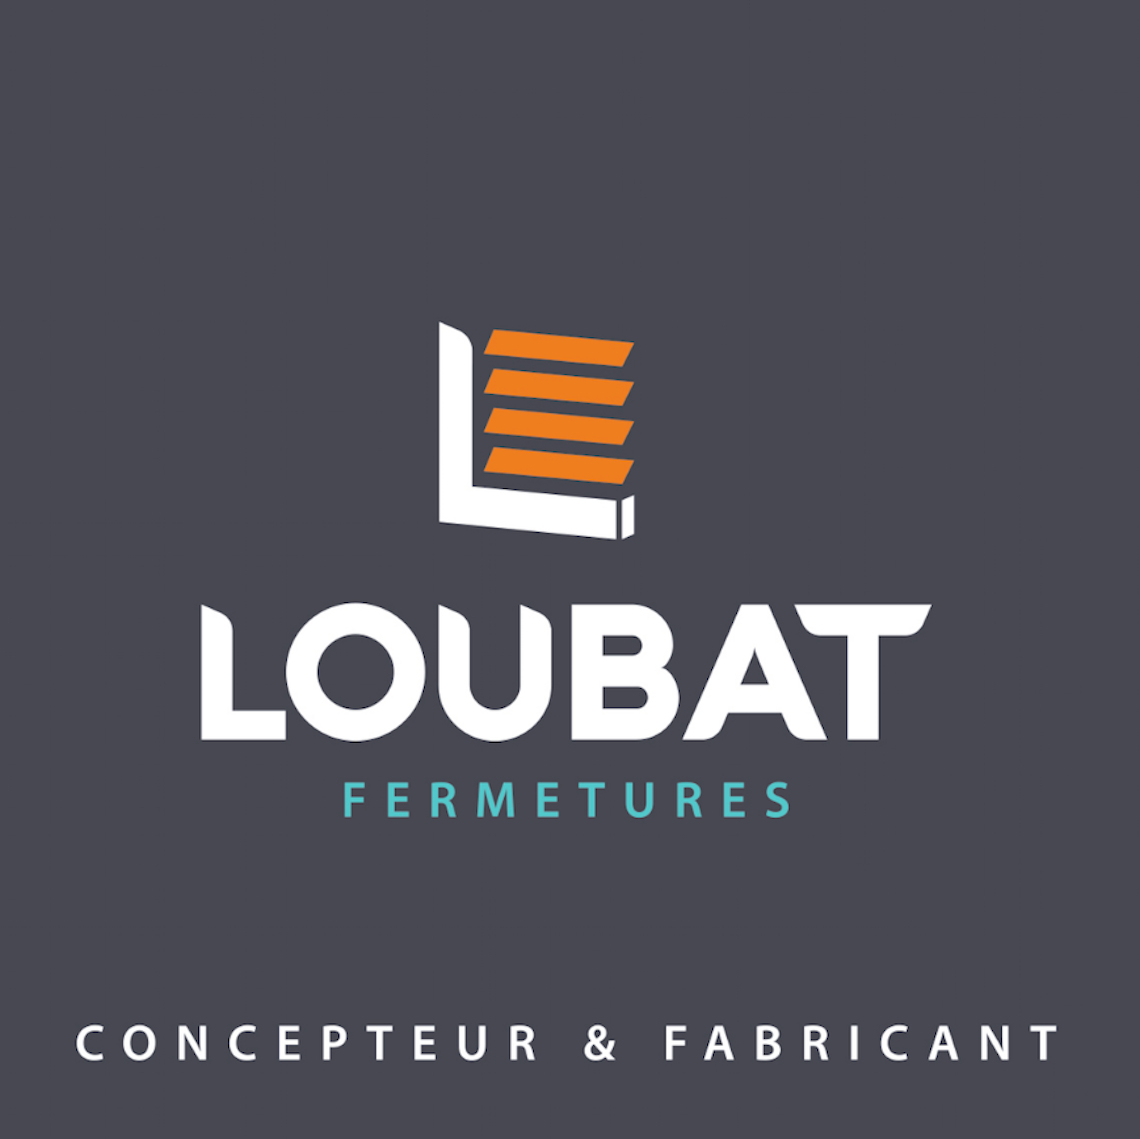 Nouvelle identité visuelle pour Loubat Fermetures